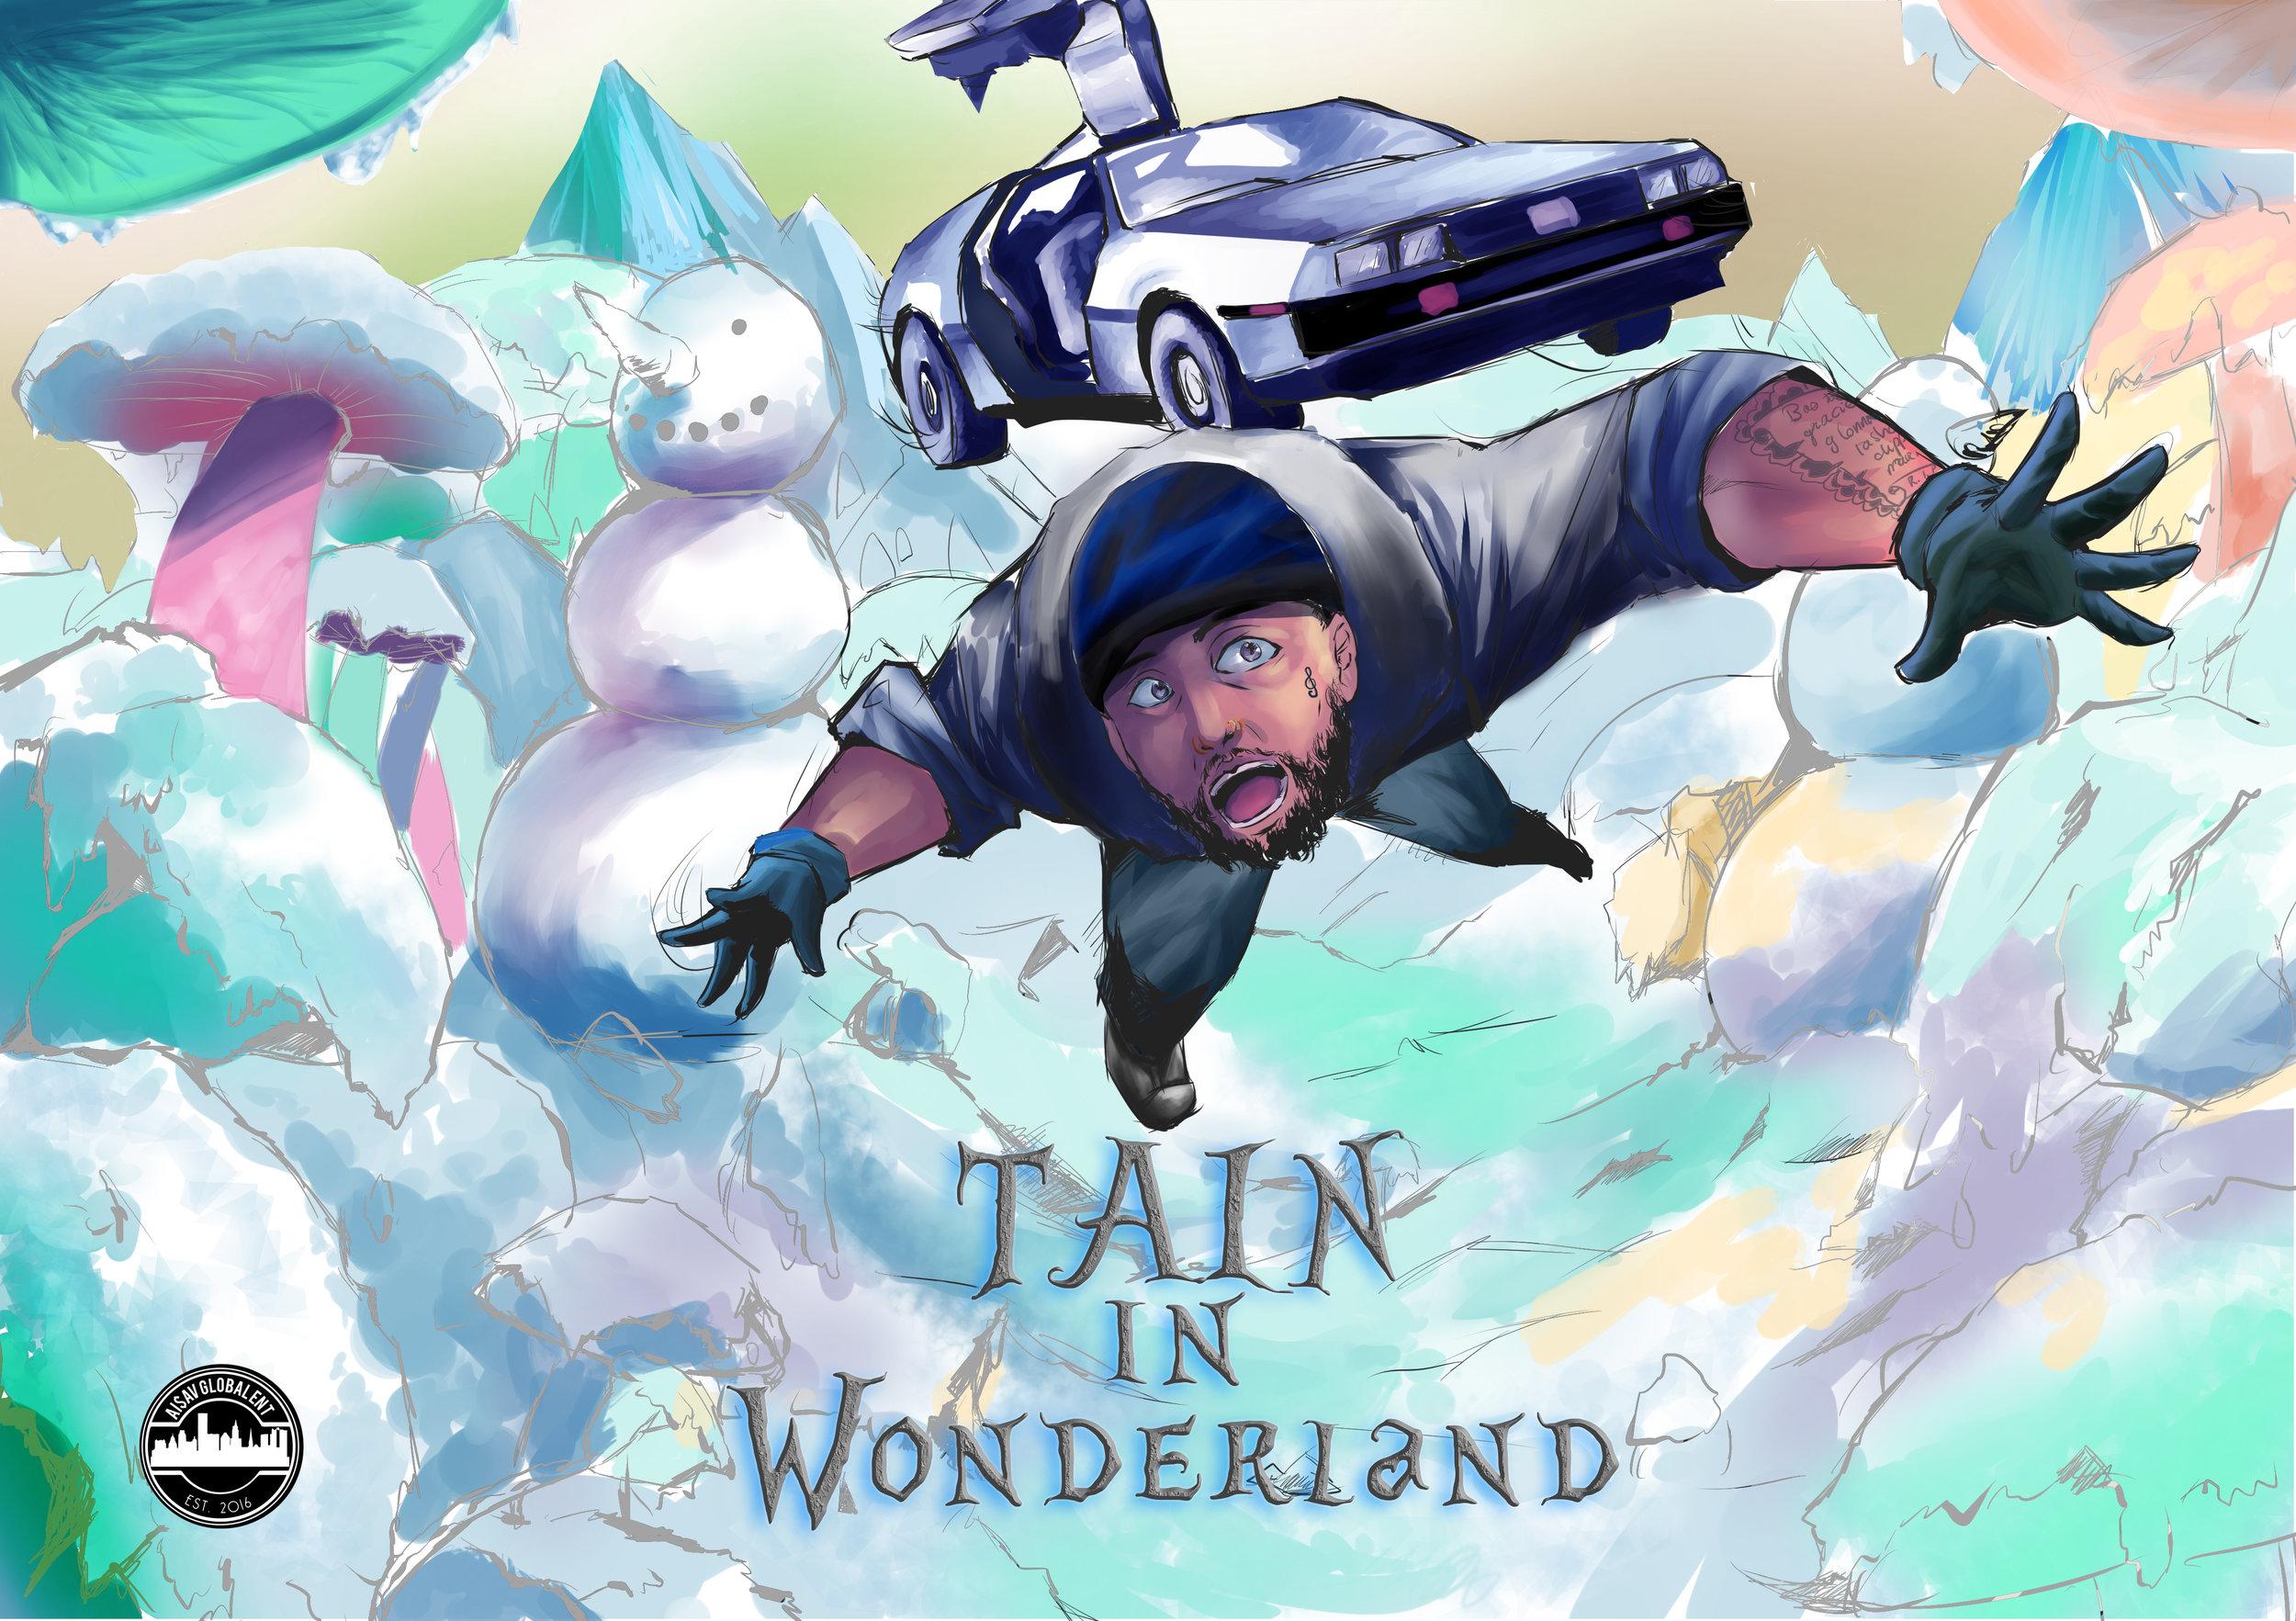 TAIN in Wonderland